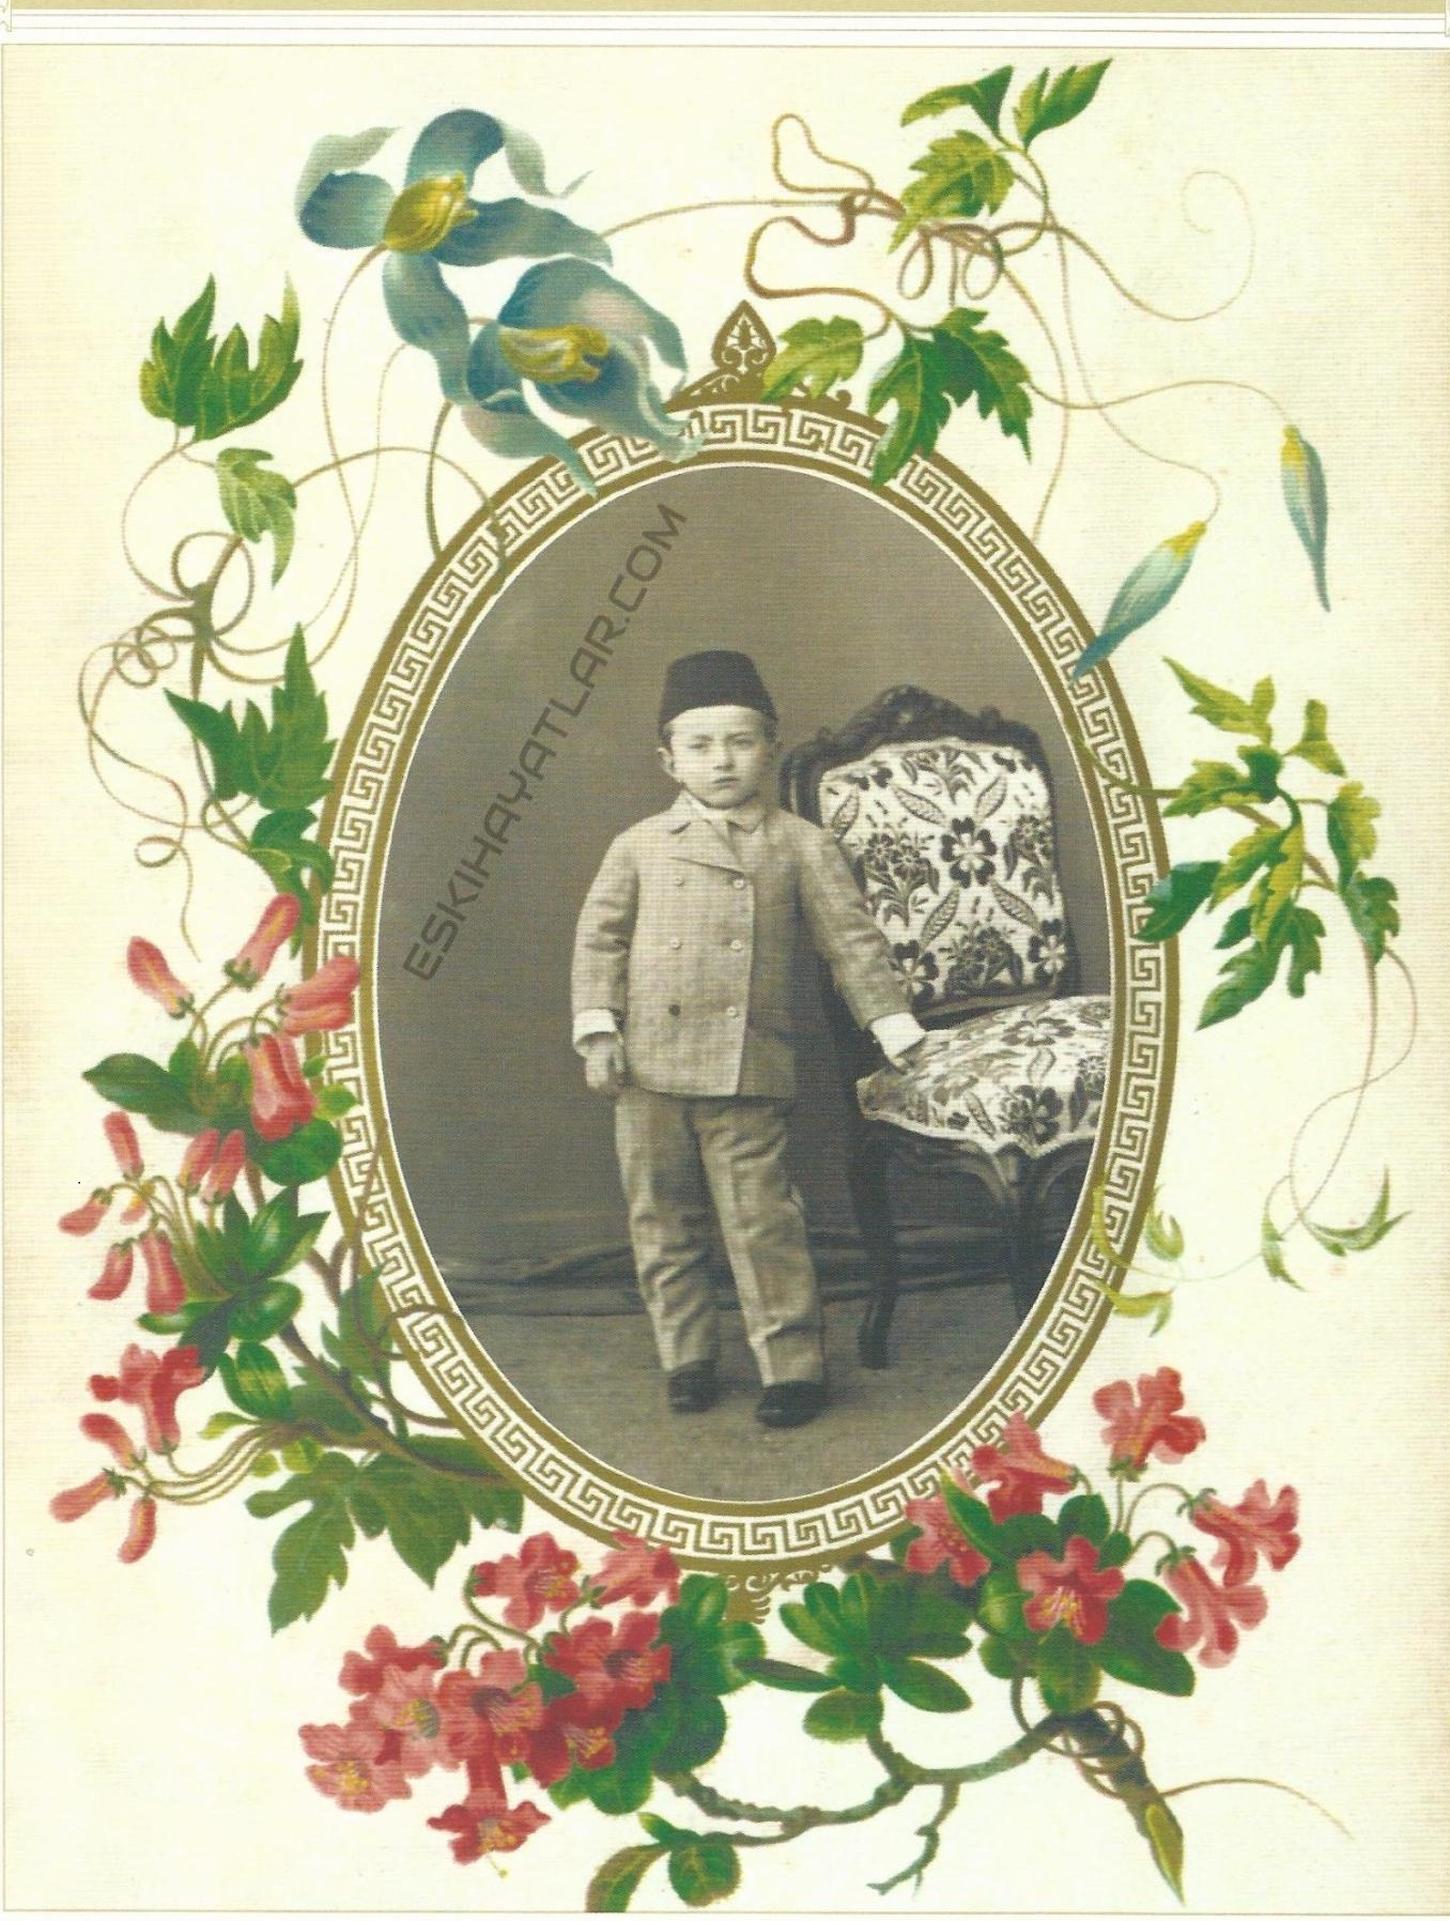 sultan-abdulhamid-in-aile-albumleri-abdullah-biraderler-fotograflari-yildiz-sarayinda-cekilen-resimler-mahmud-sevket-efendi